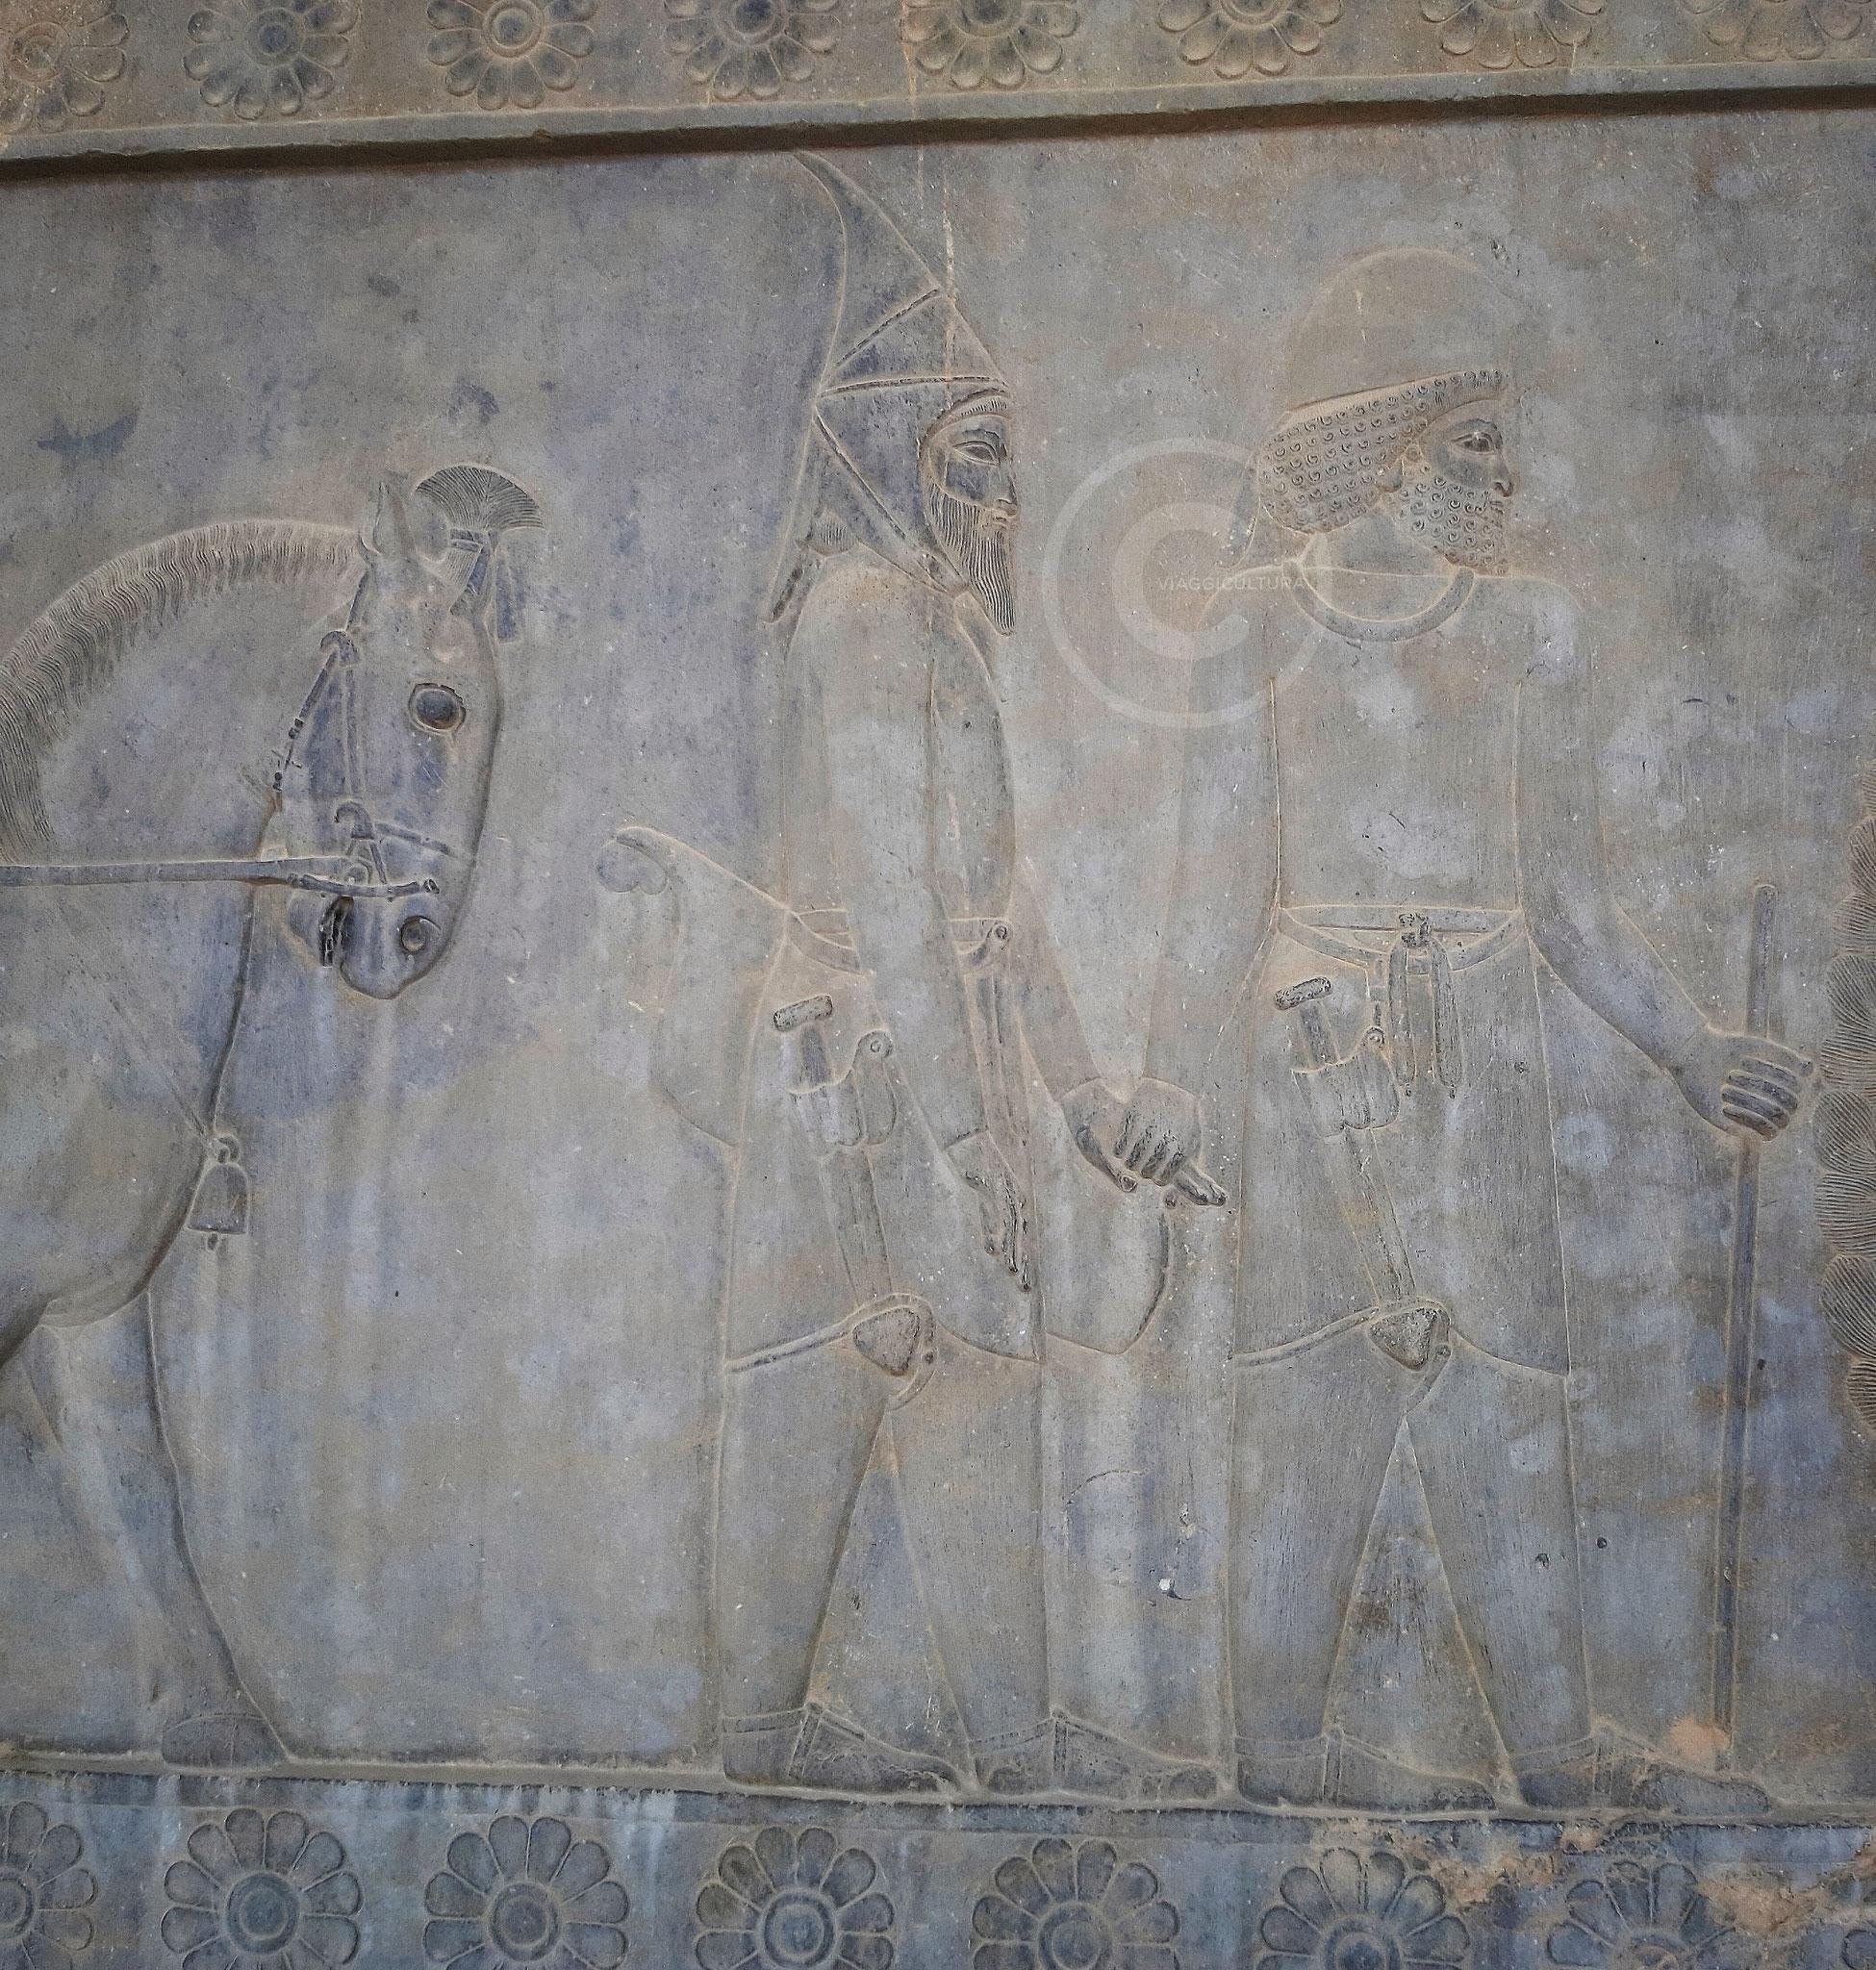 Vassalli Sciti, dei nomadi della regione dell'attuale Uzbekistan, Palazzo Apadana - Persepoli (Iran)